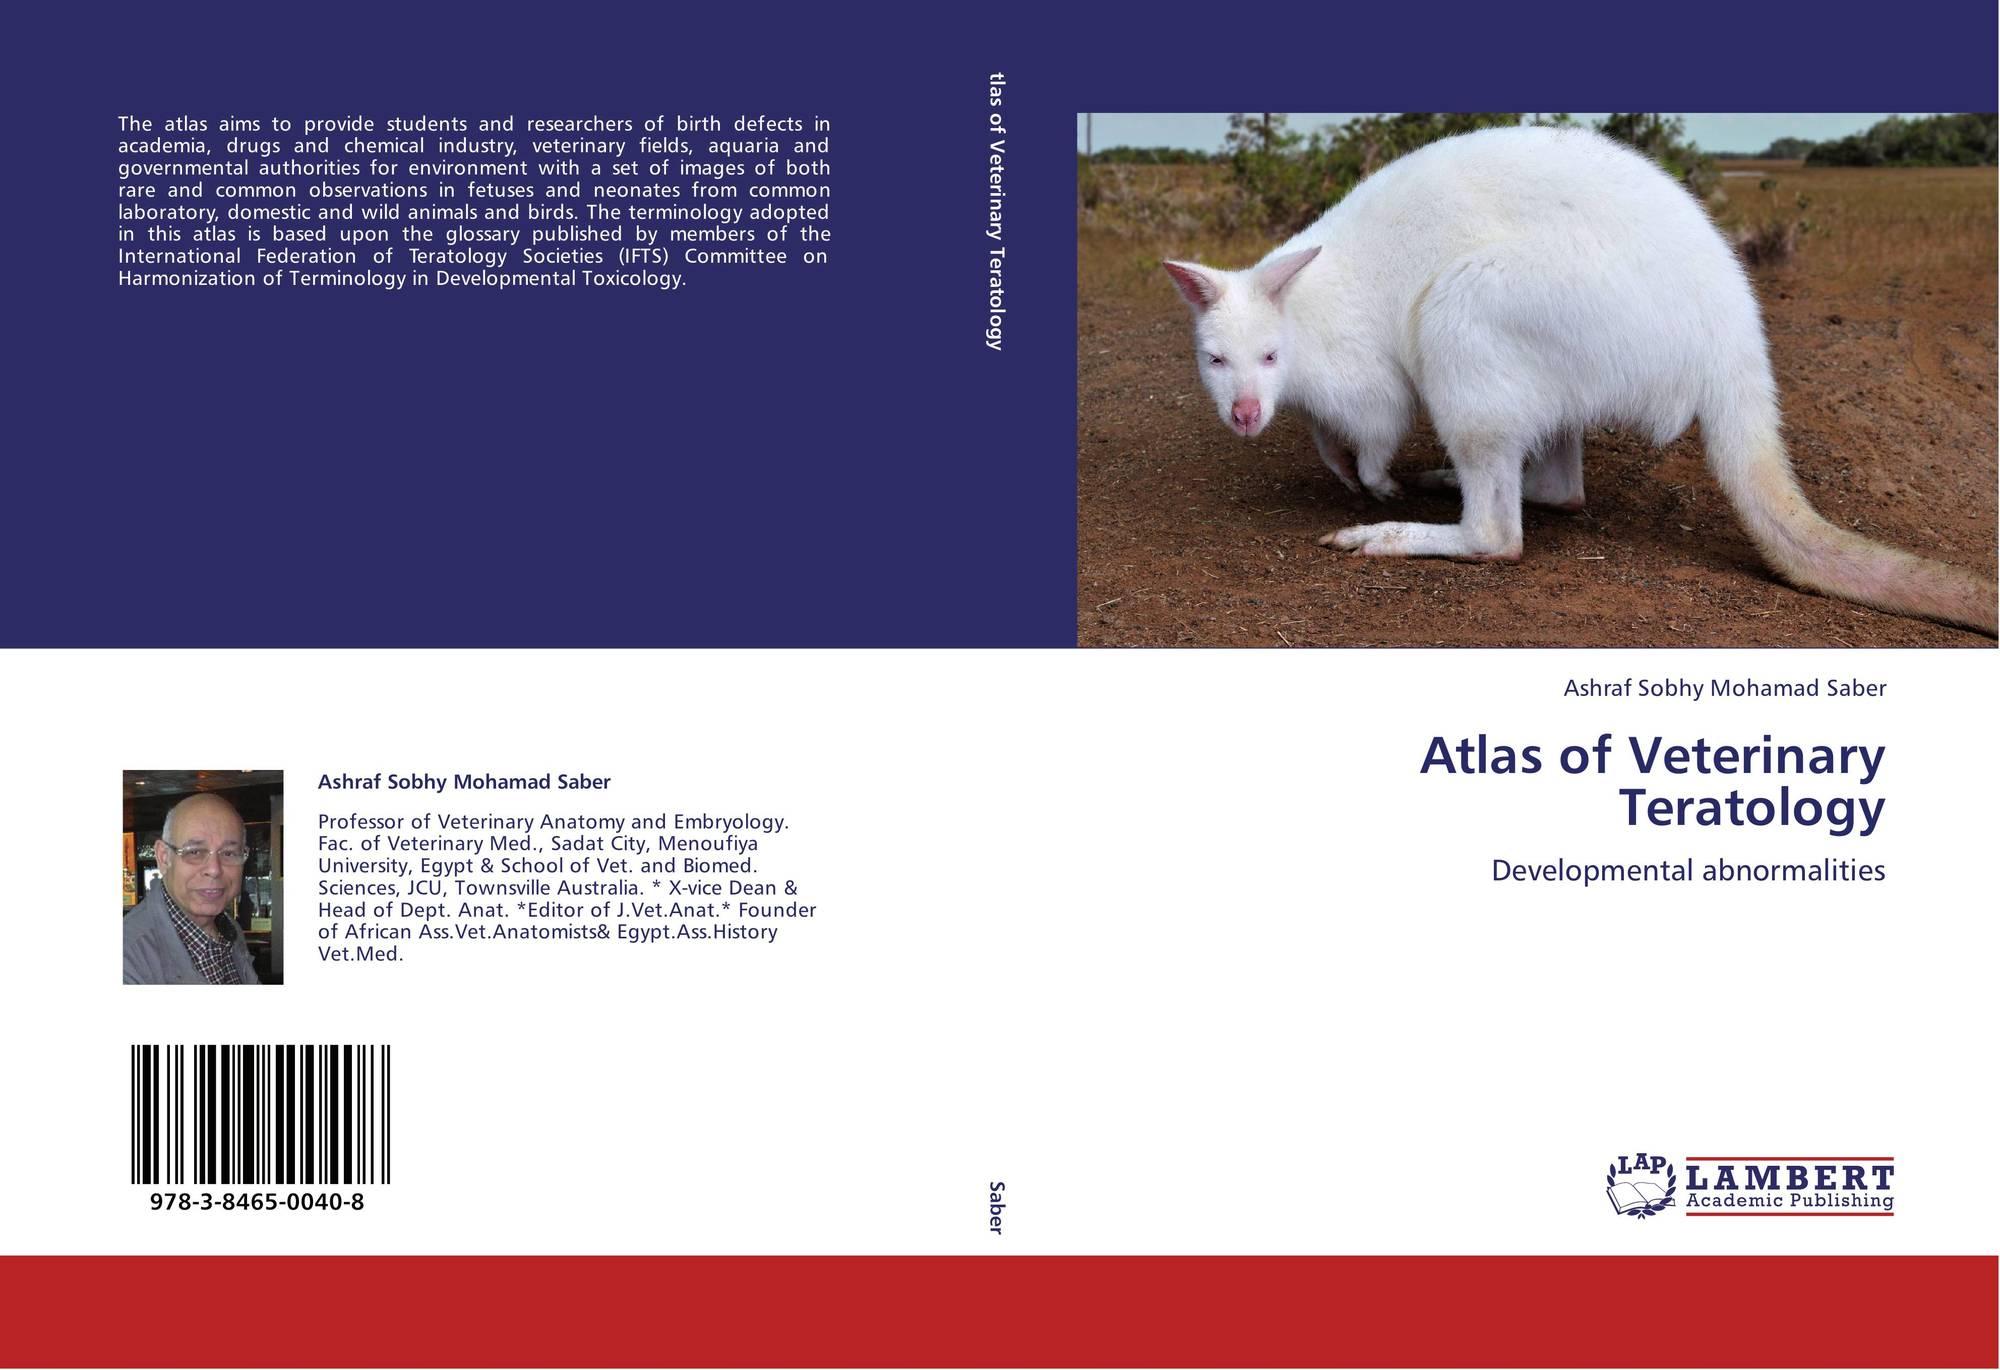 Atlas of Veterinary Teratology, 978-3-8465-0040-8, 3846500402 ...